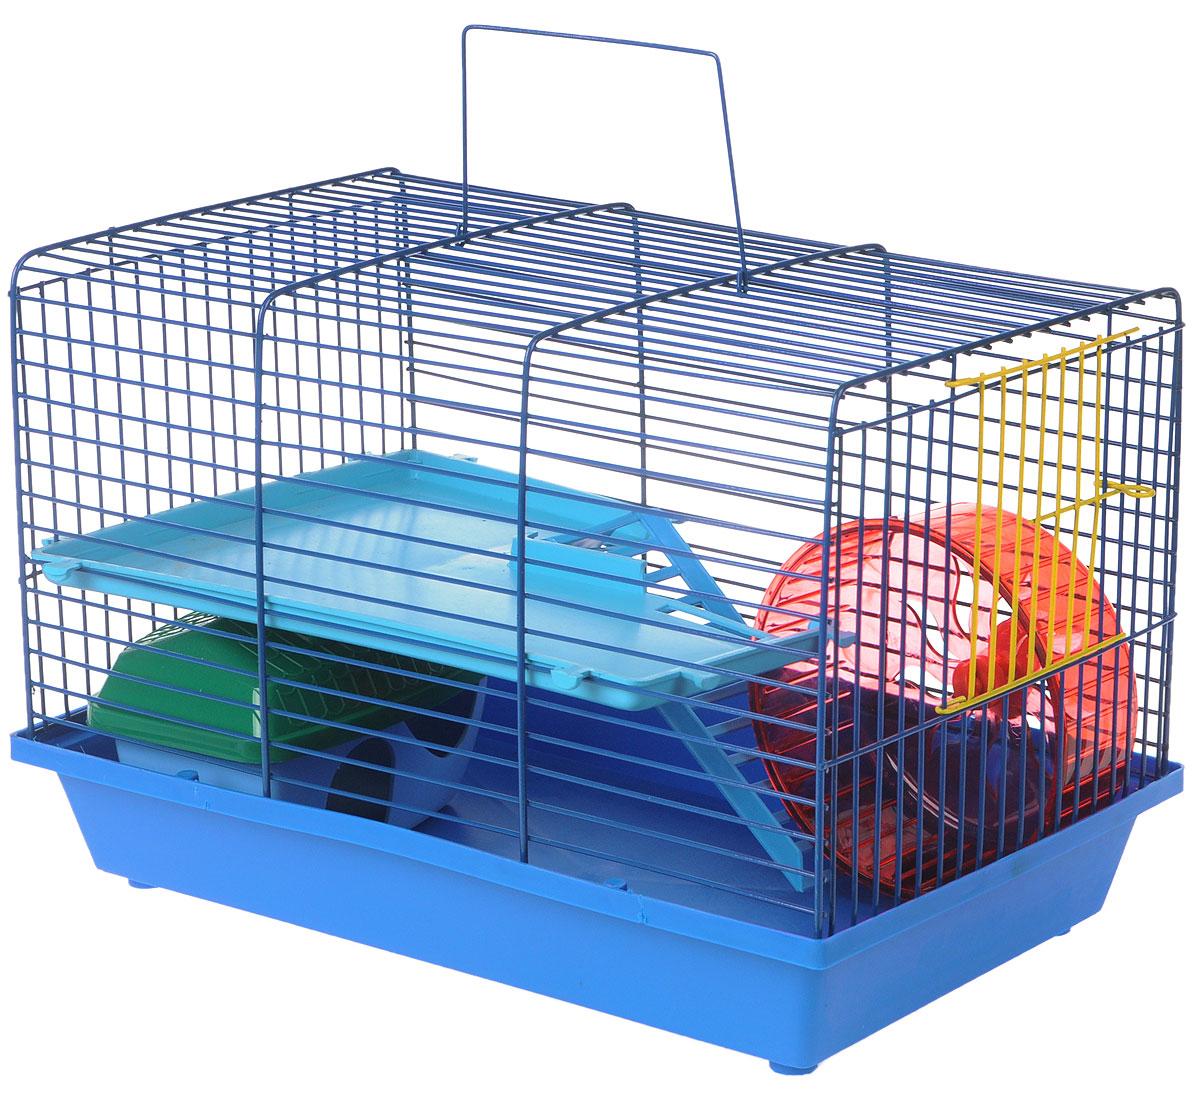 Клетка для грызунов ЗооМарк, 2-этажная, цвет: синий поддон, синяя решетка, голубой этаж, 36 х 23 х 24 см0120710Клетка ЗооМарк, выполненная из полипропилена и металла, подходит для мелких грызунов. Изделие двухэтажное, оборудовано колесом для подвижных игр и пластиковым домиком. Клетка имеет яркий поддон, удобна в использовании и легко чистится. Сверху имеется ручка для переноски, а сбоку удобная дверца. Такая клетка станет уединенным личным пространством и уютным домиком для маленького грызуна.